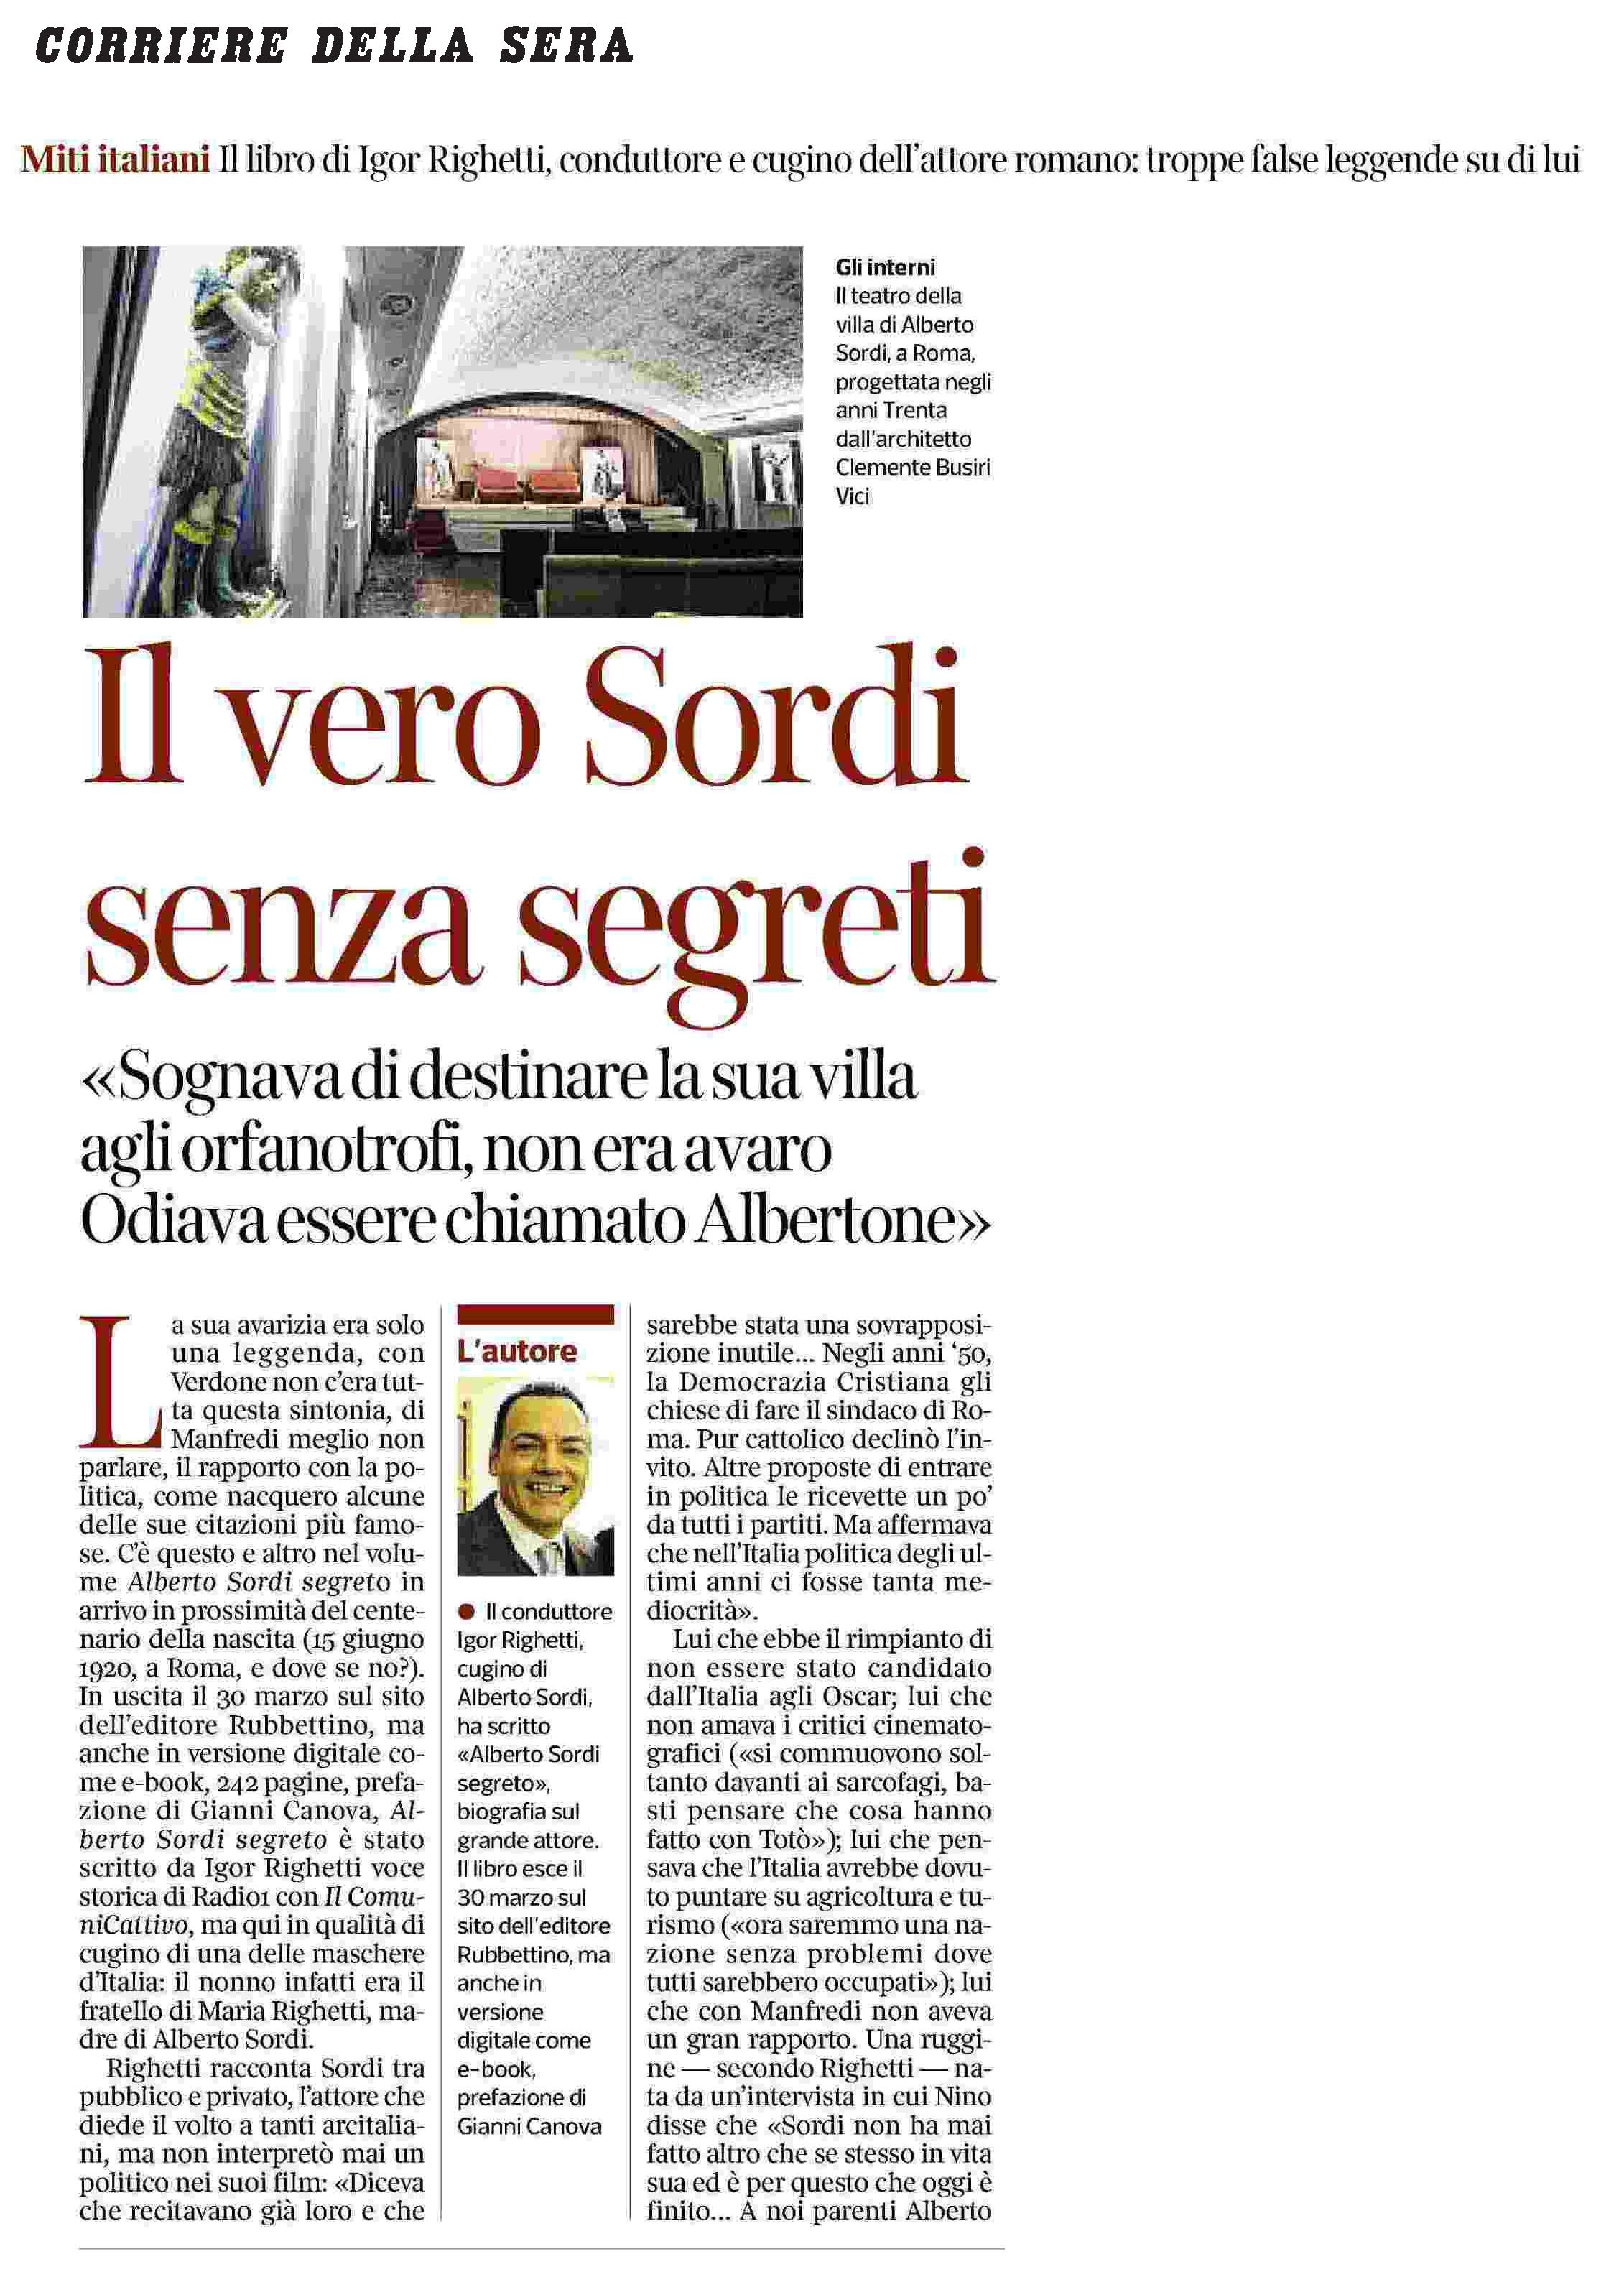 Alberto Sordi segreto - Rassegna Stampa - Corriere della Sera - parte 1